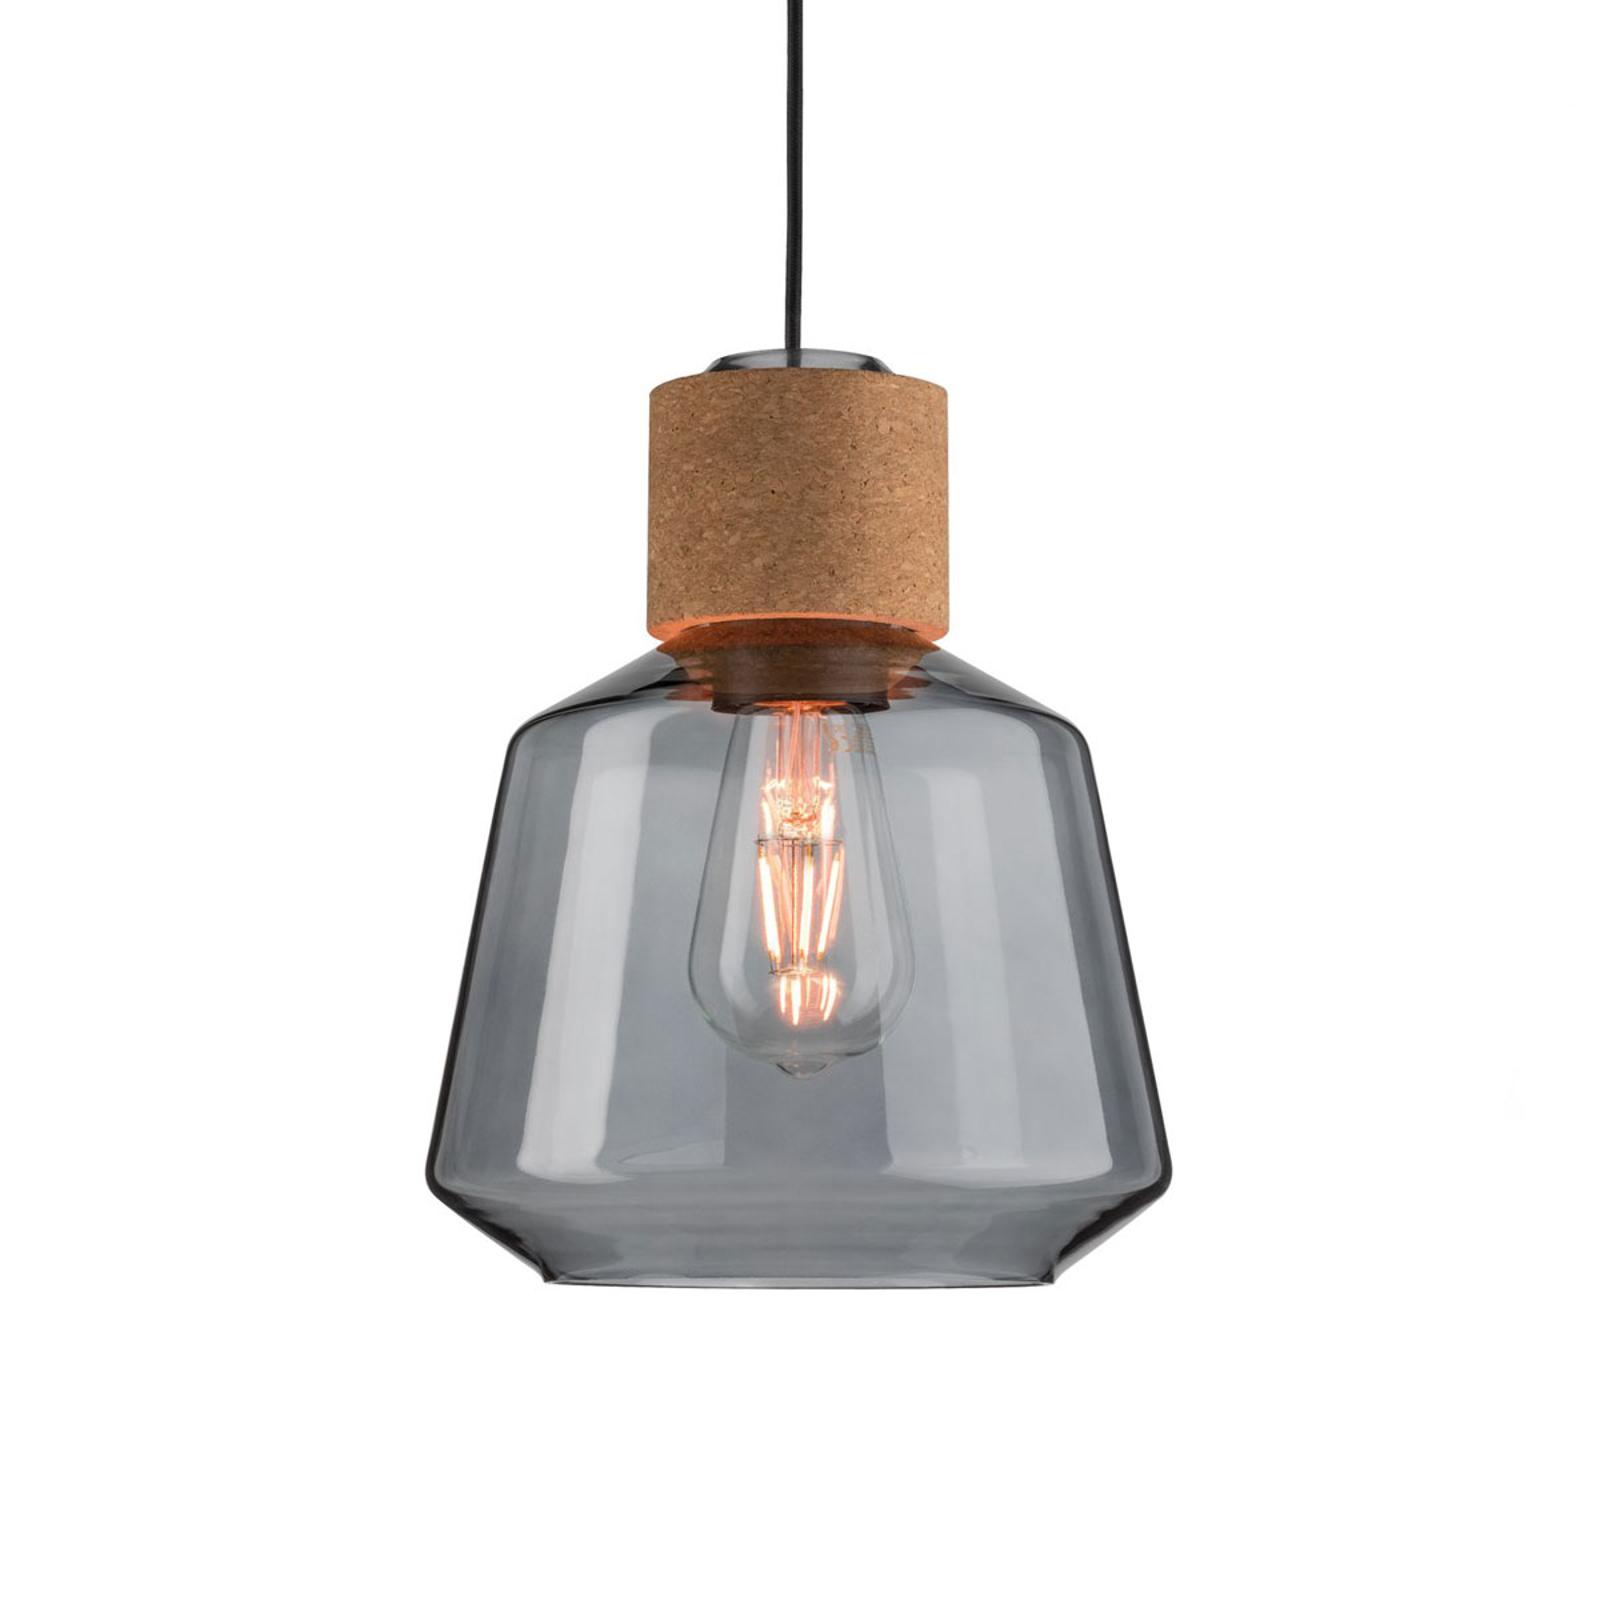 Paulmann Elia lampada a sospensione in vetro Illuminazione per interni